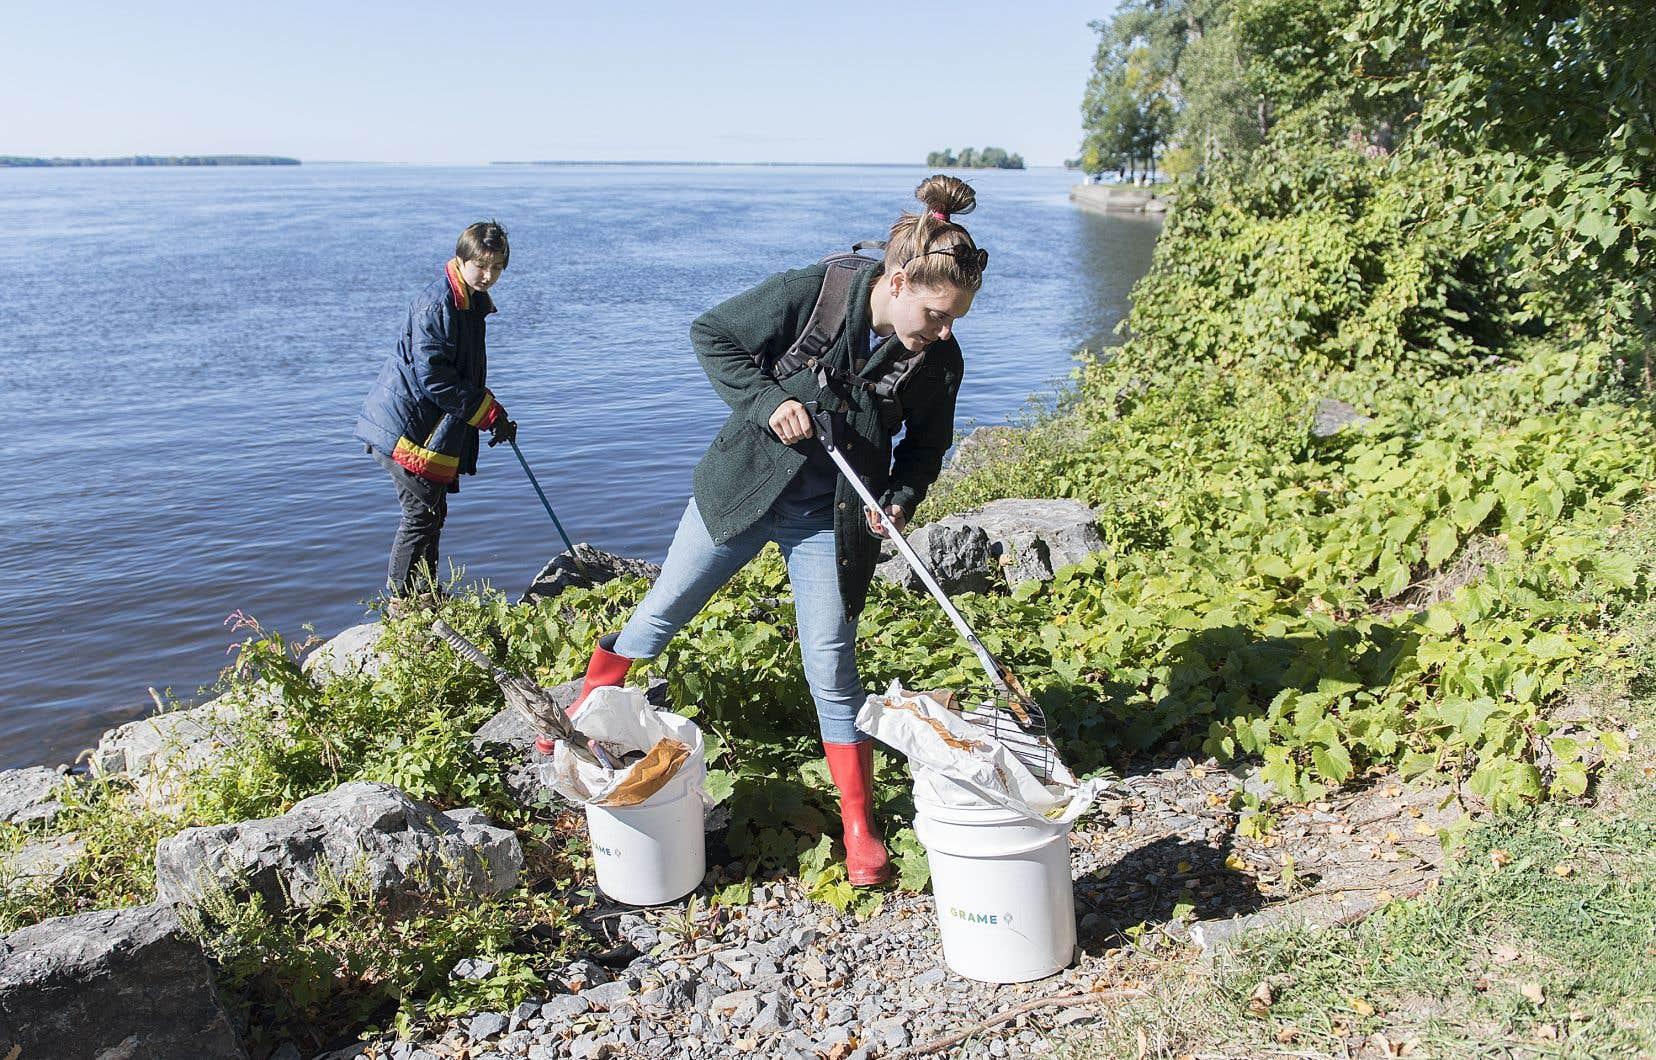 Des bénévoles, sur terre comme sous l'eau, ont retiré samedi les déchets qui encombrent le fleuve et ses berges.